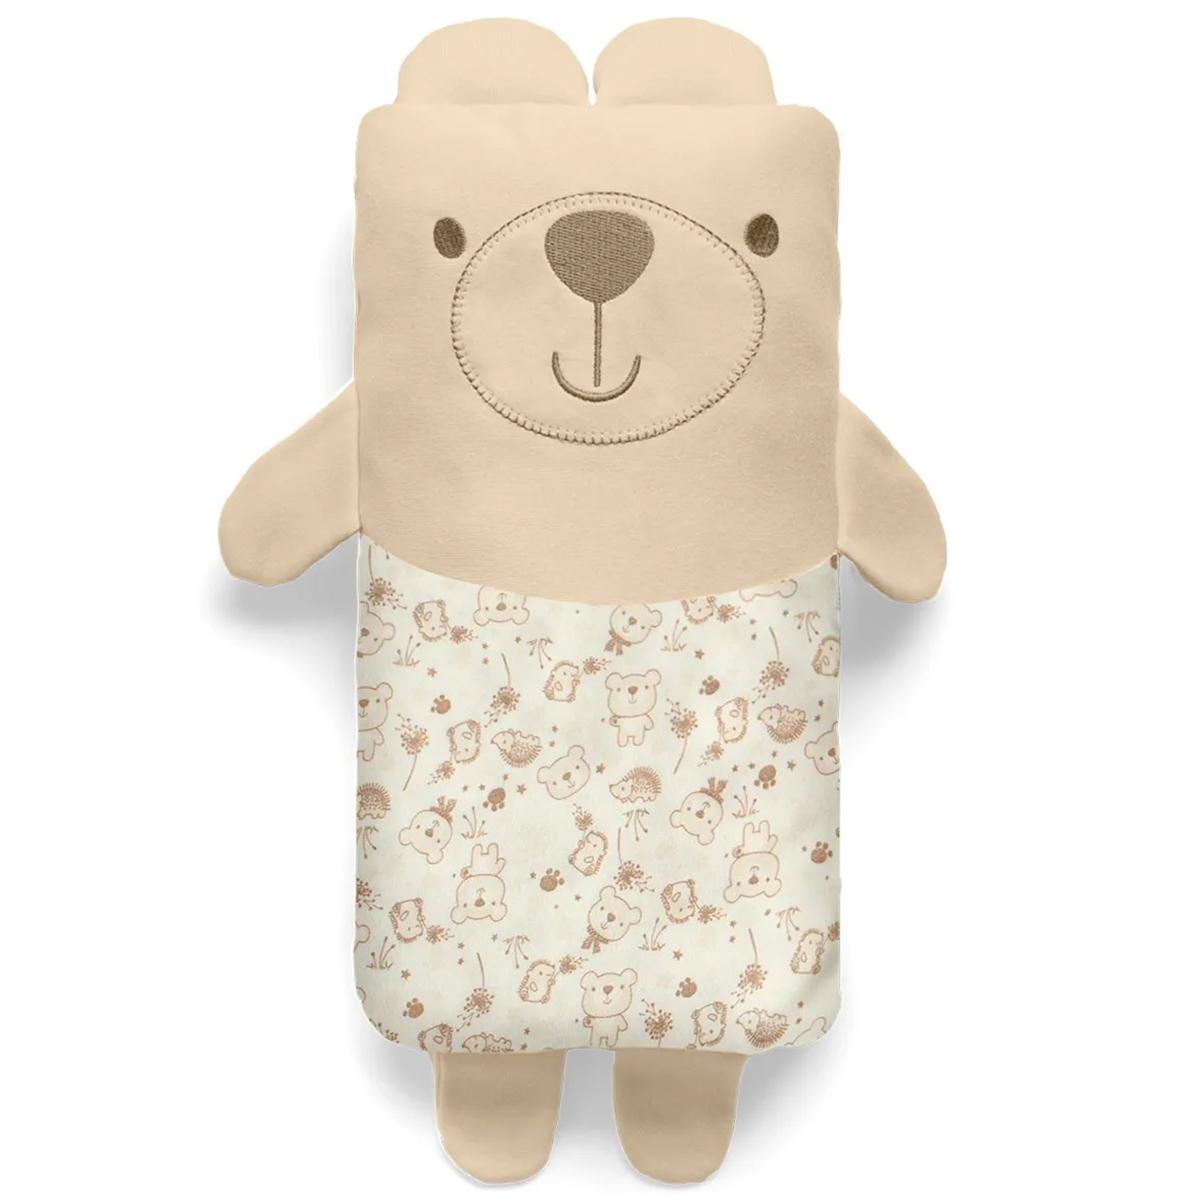 Travesseiro Hug Agarradinho Sonho Encantado